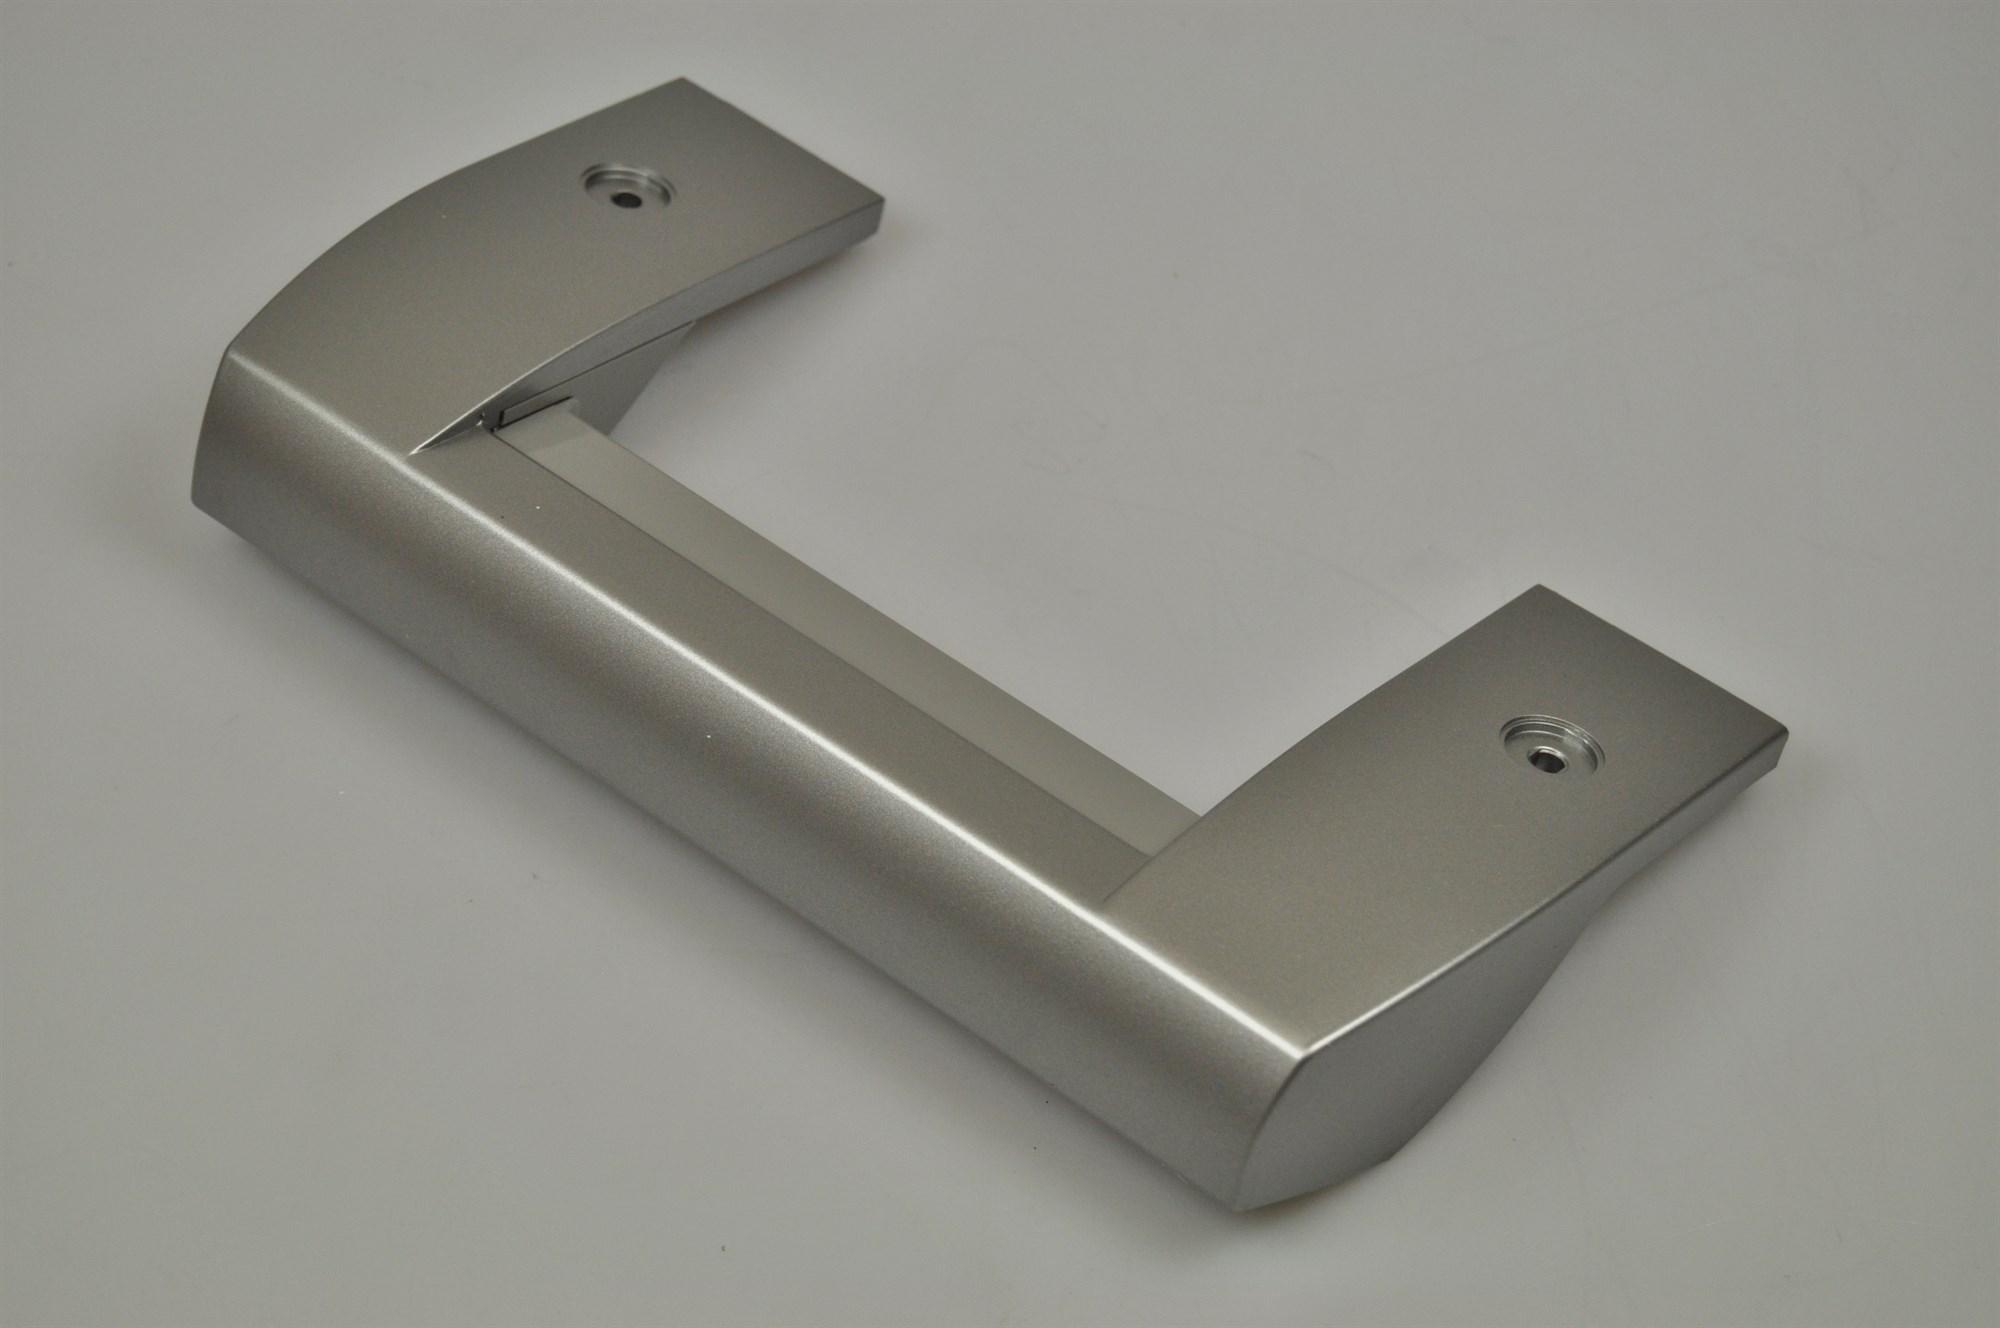 Retro Kühlschrank Griff : Gorenje kühlschrank griff ergebnisse zu gorenje brd eu